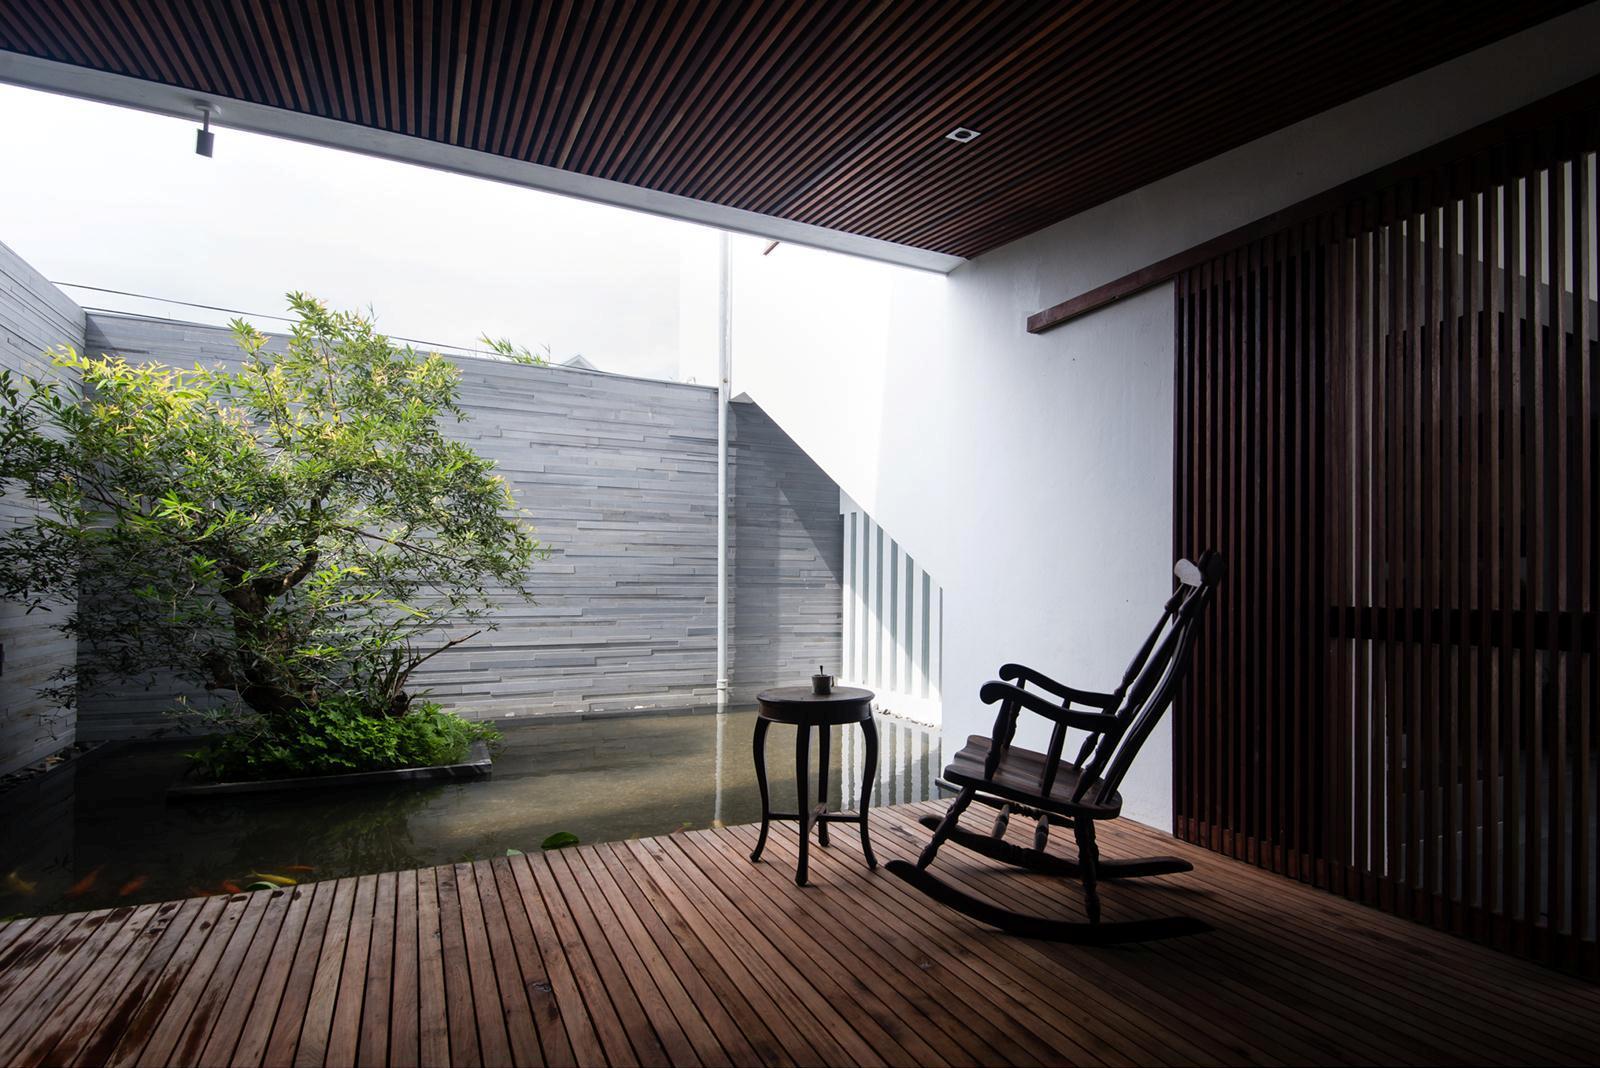 Một không gian thư giãn nhâm nhi chén trà tuyệt vời!